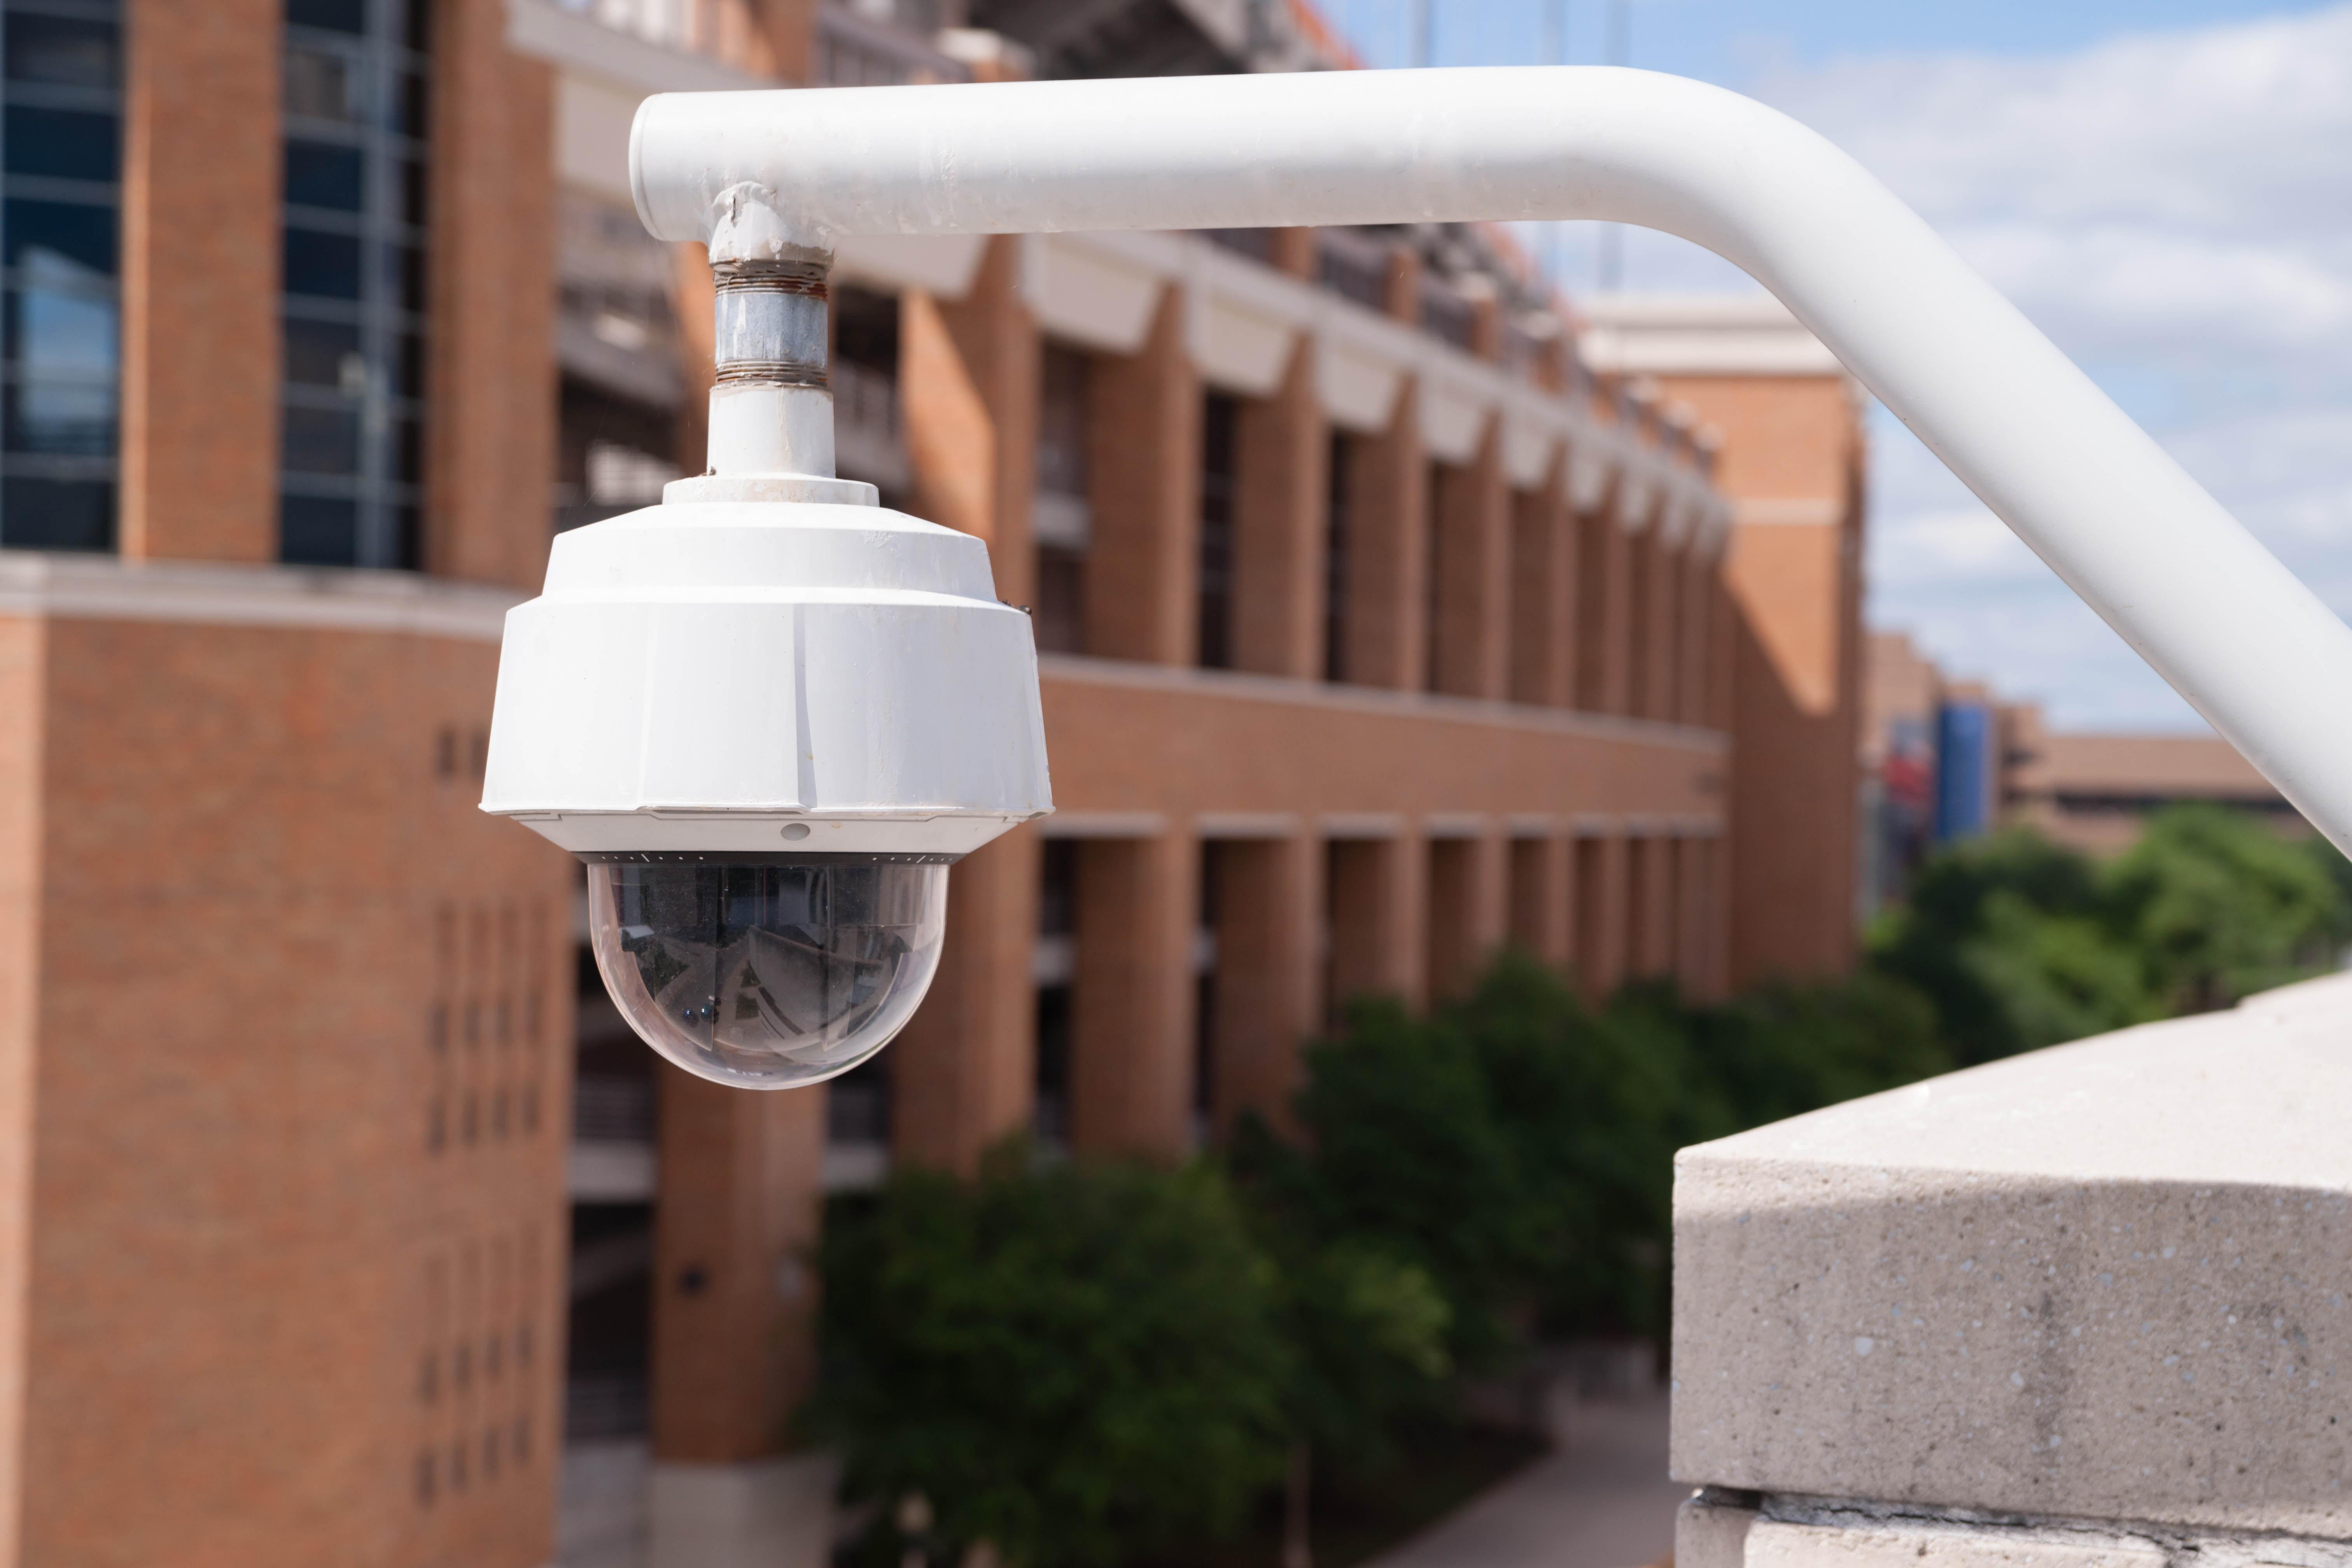 Camerabewaking - SecTec